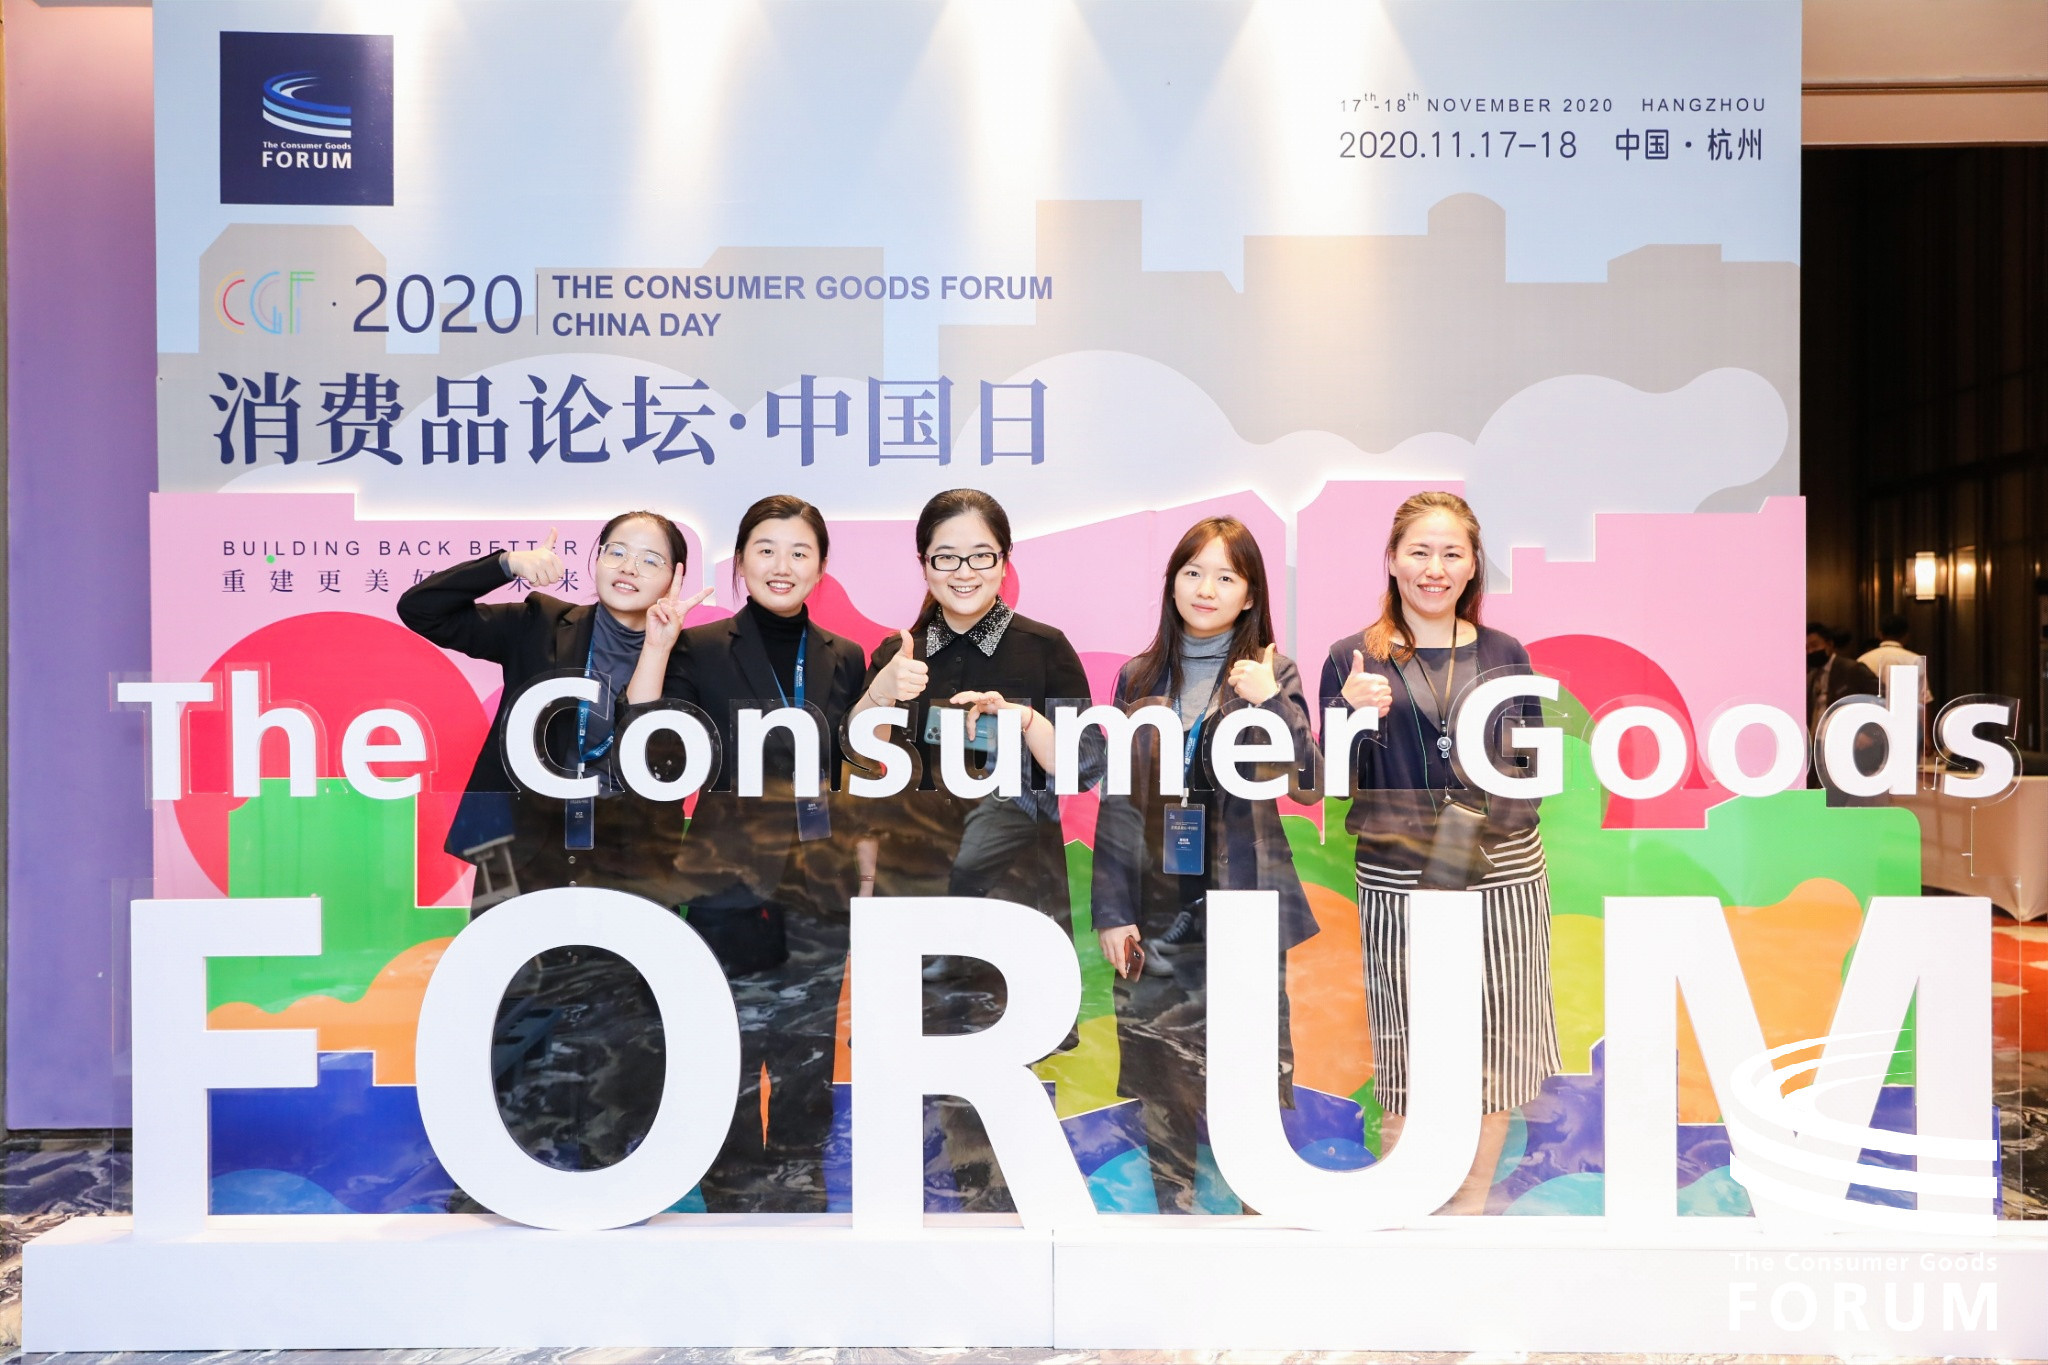 2020第三届消费品论坛(CGF)中国日-18